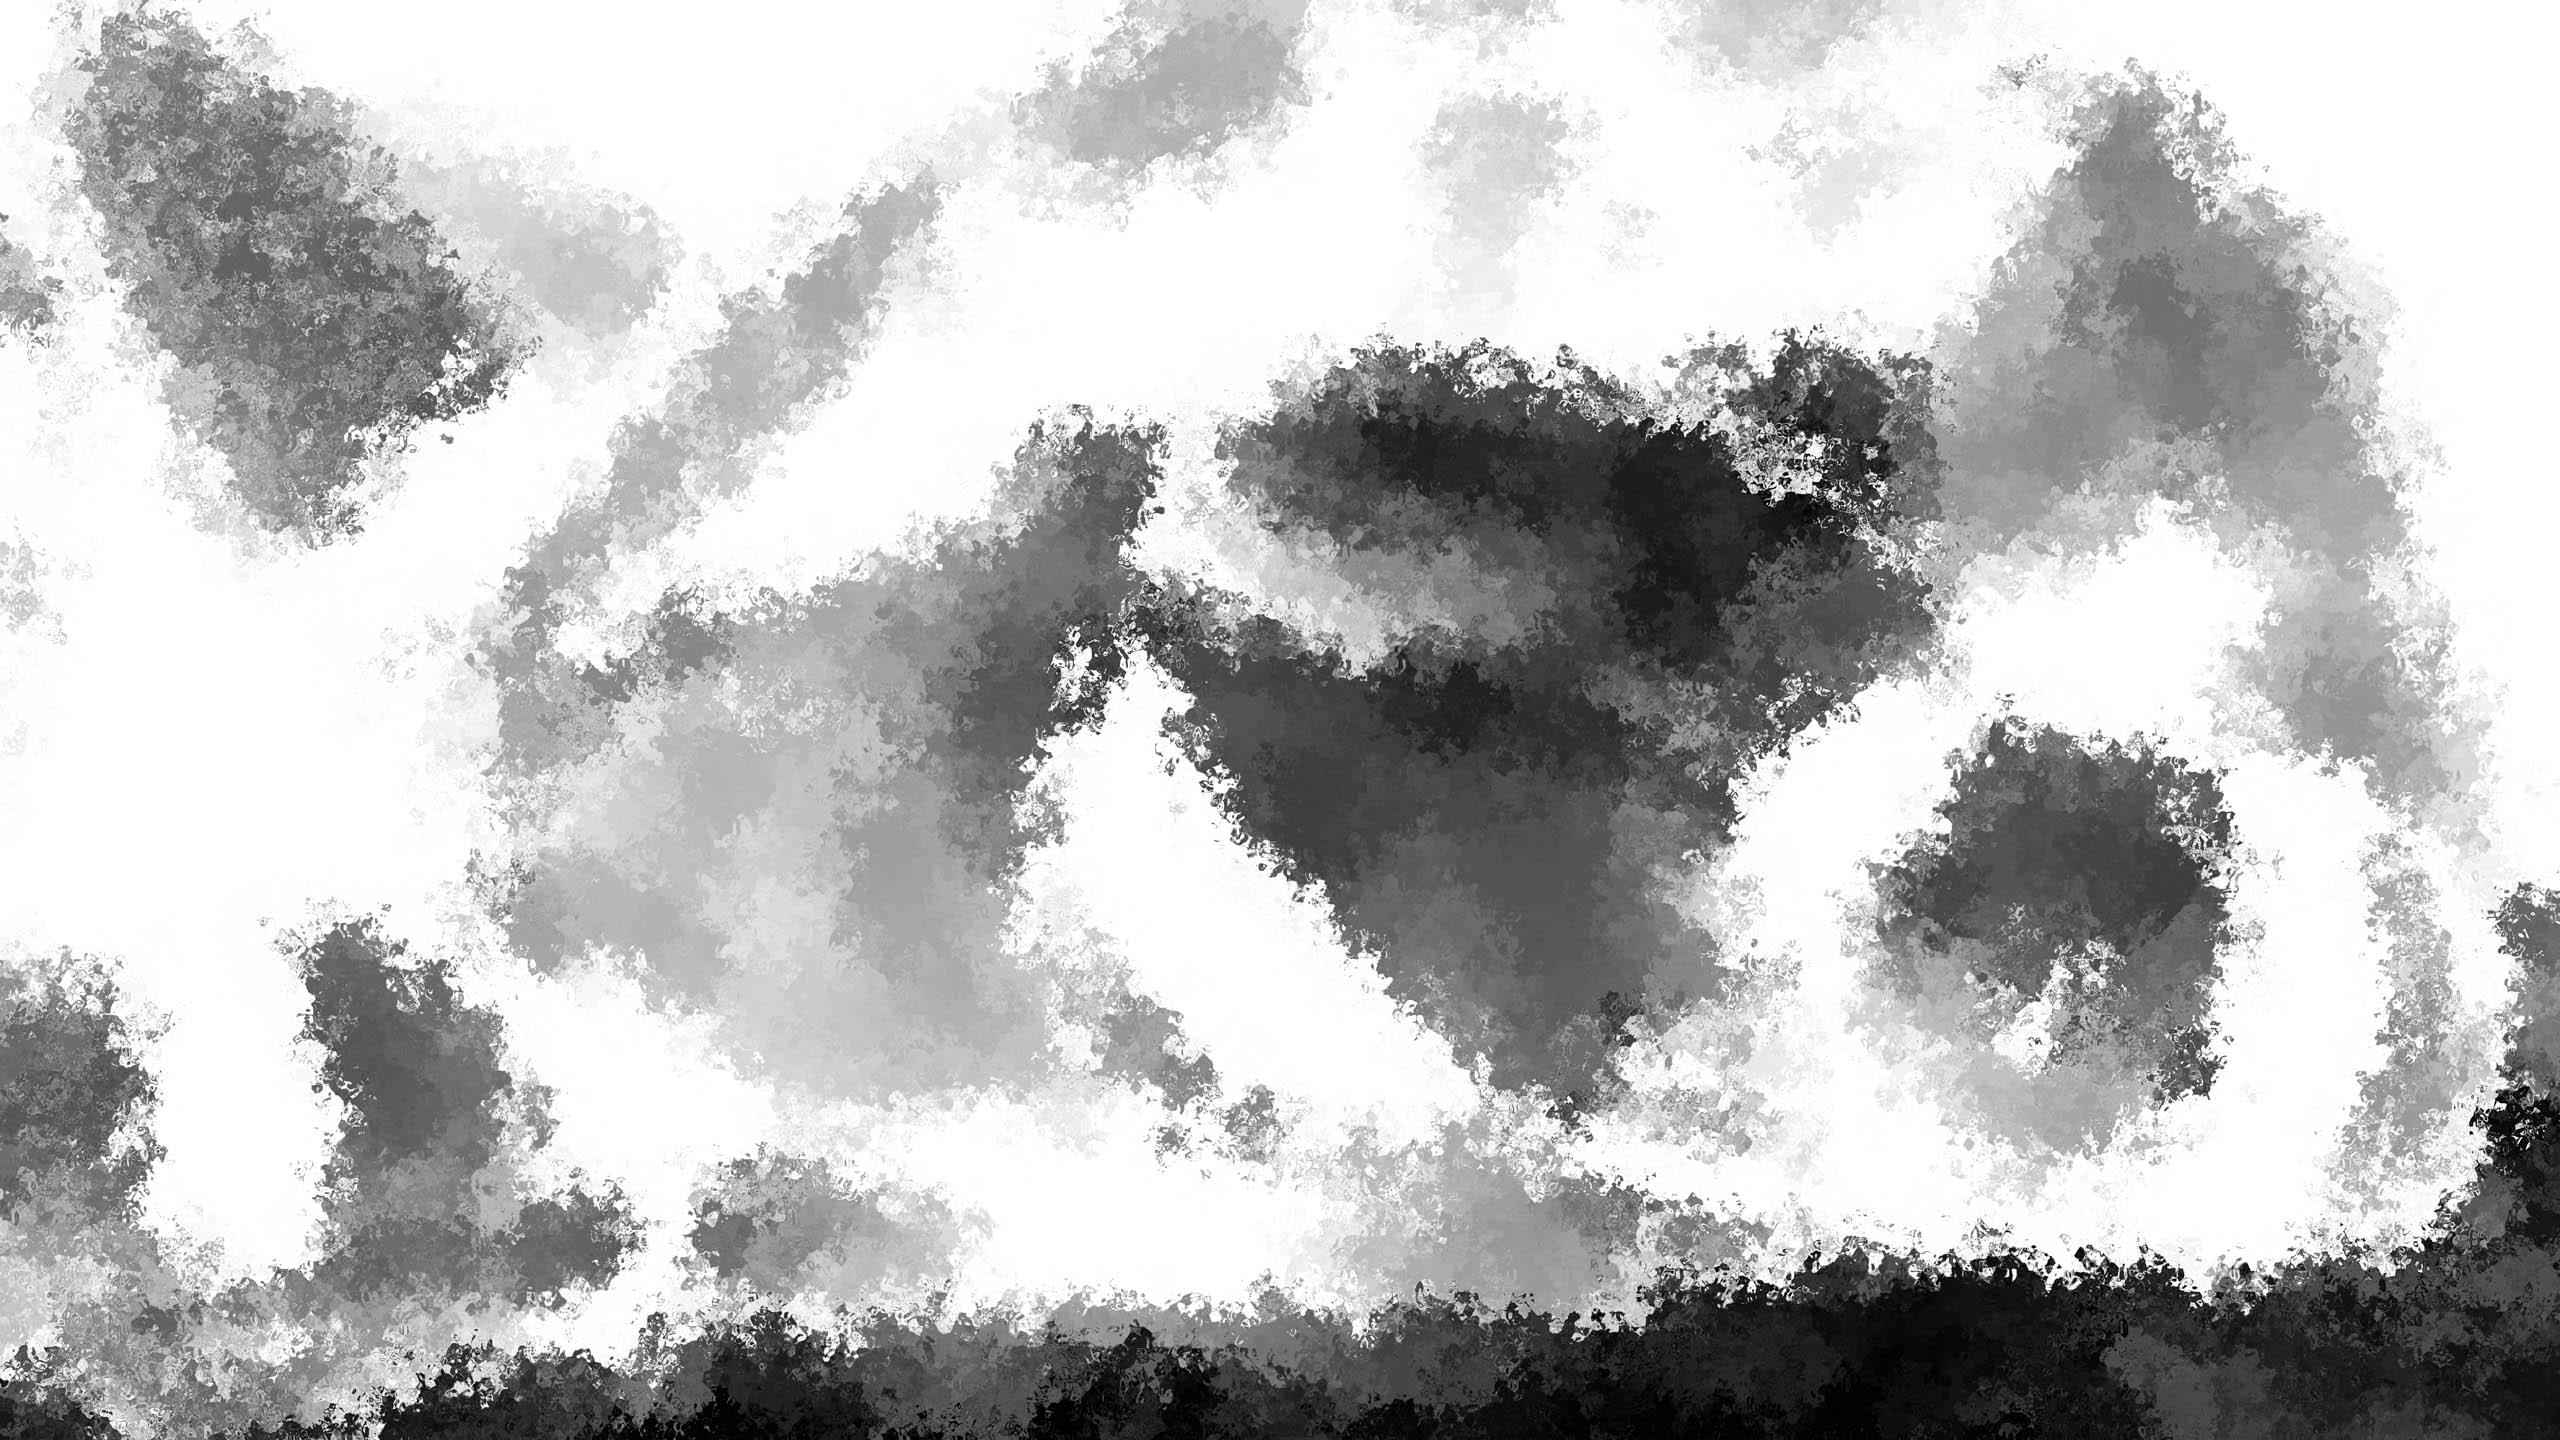 Kopi Luwak 28b / Kopi Luwak